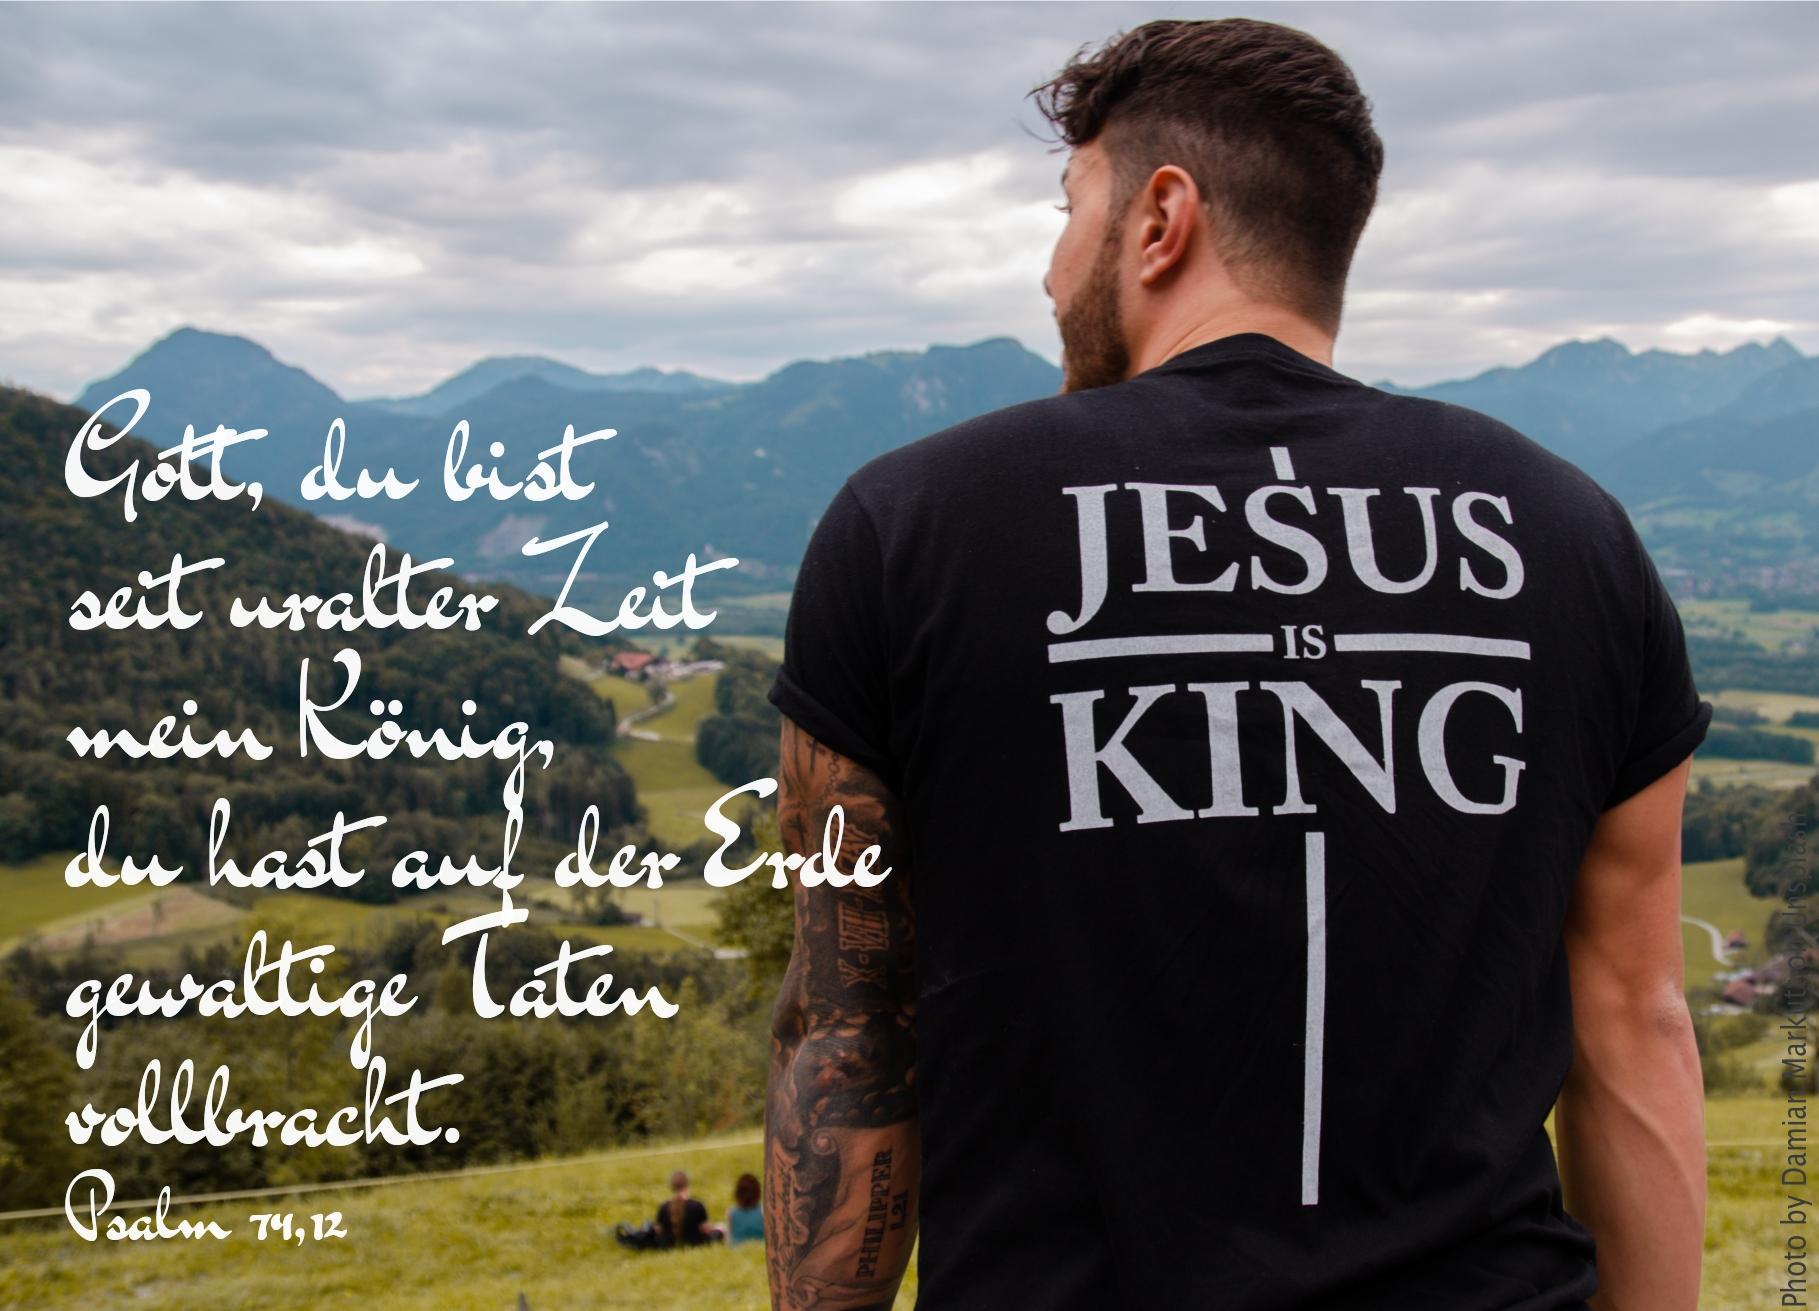 """alt=""""mann_mit_t-shirt_mit_aufschrift_jesus_is_king_erwartet_bibehoerbuch_gericht_und_rettung"""""""